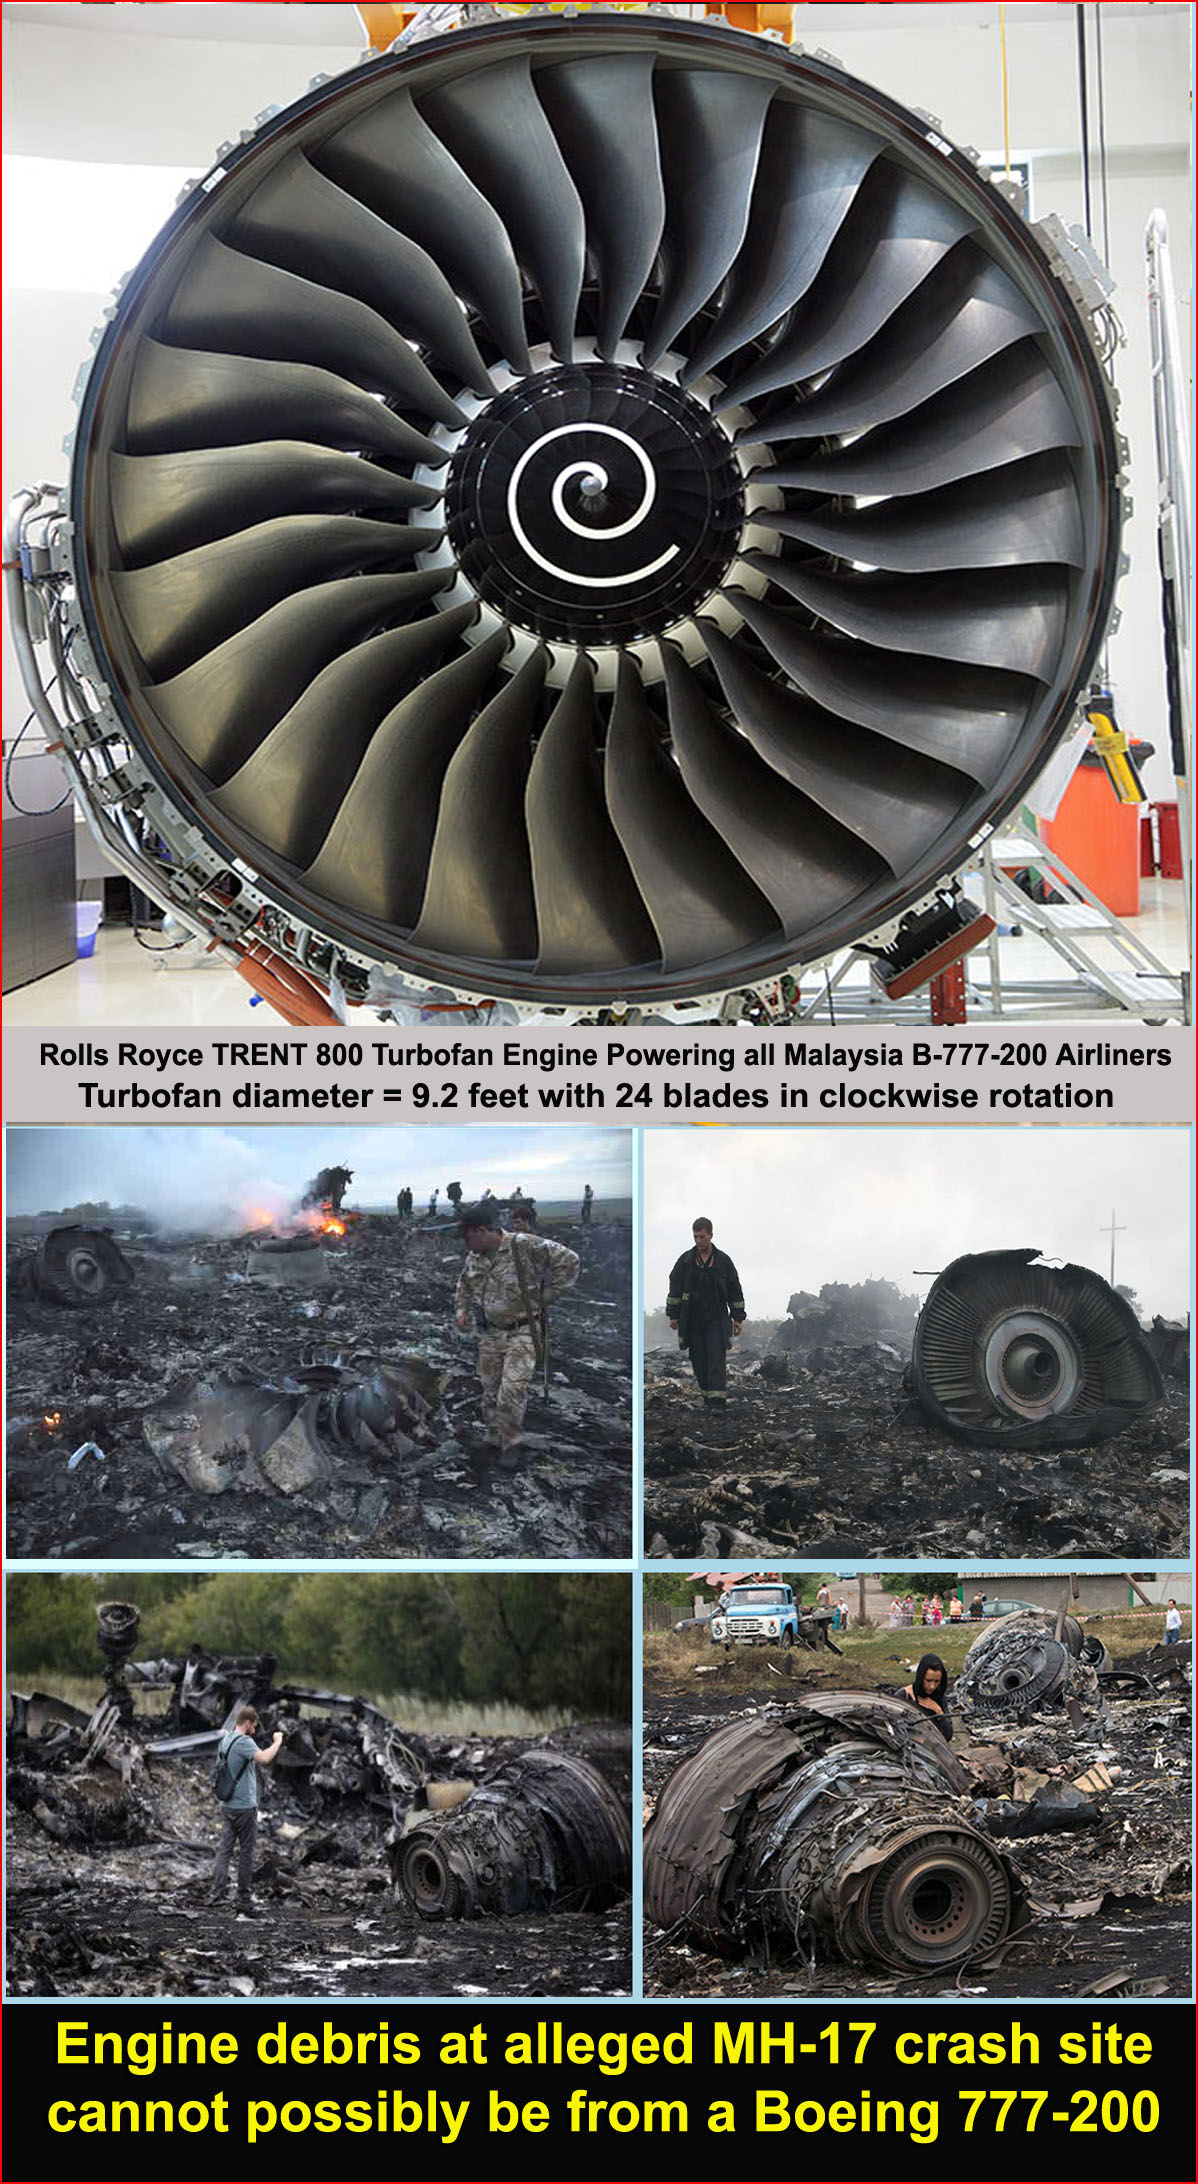 Alleged-Crash-site-engine-debis-not-from-B-777-b